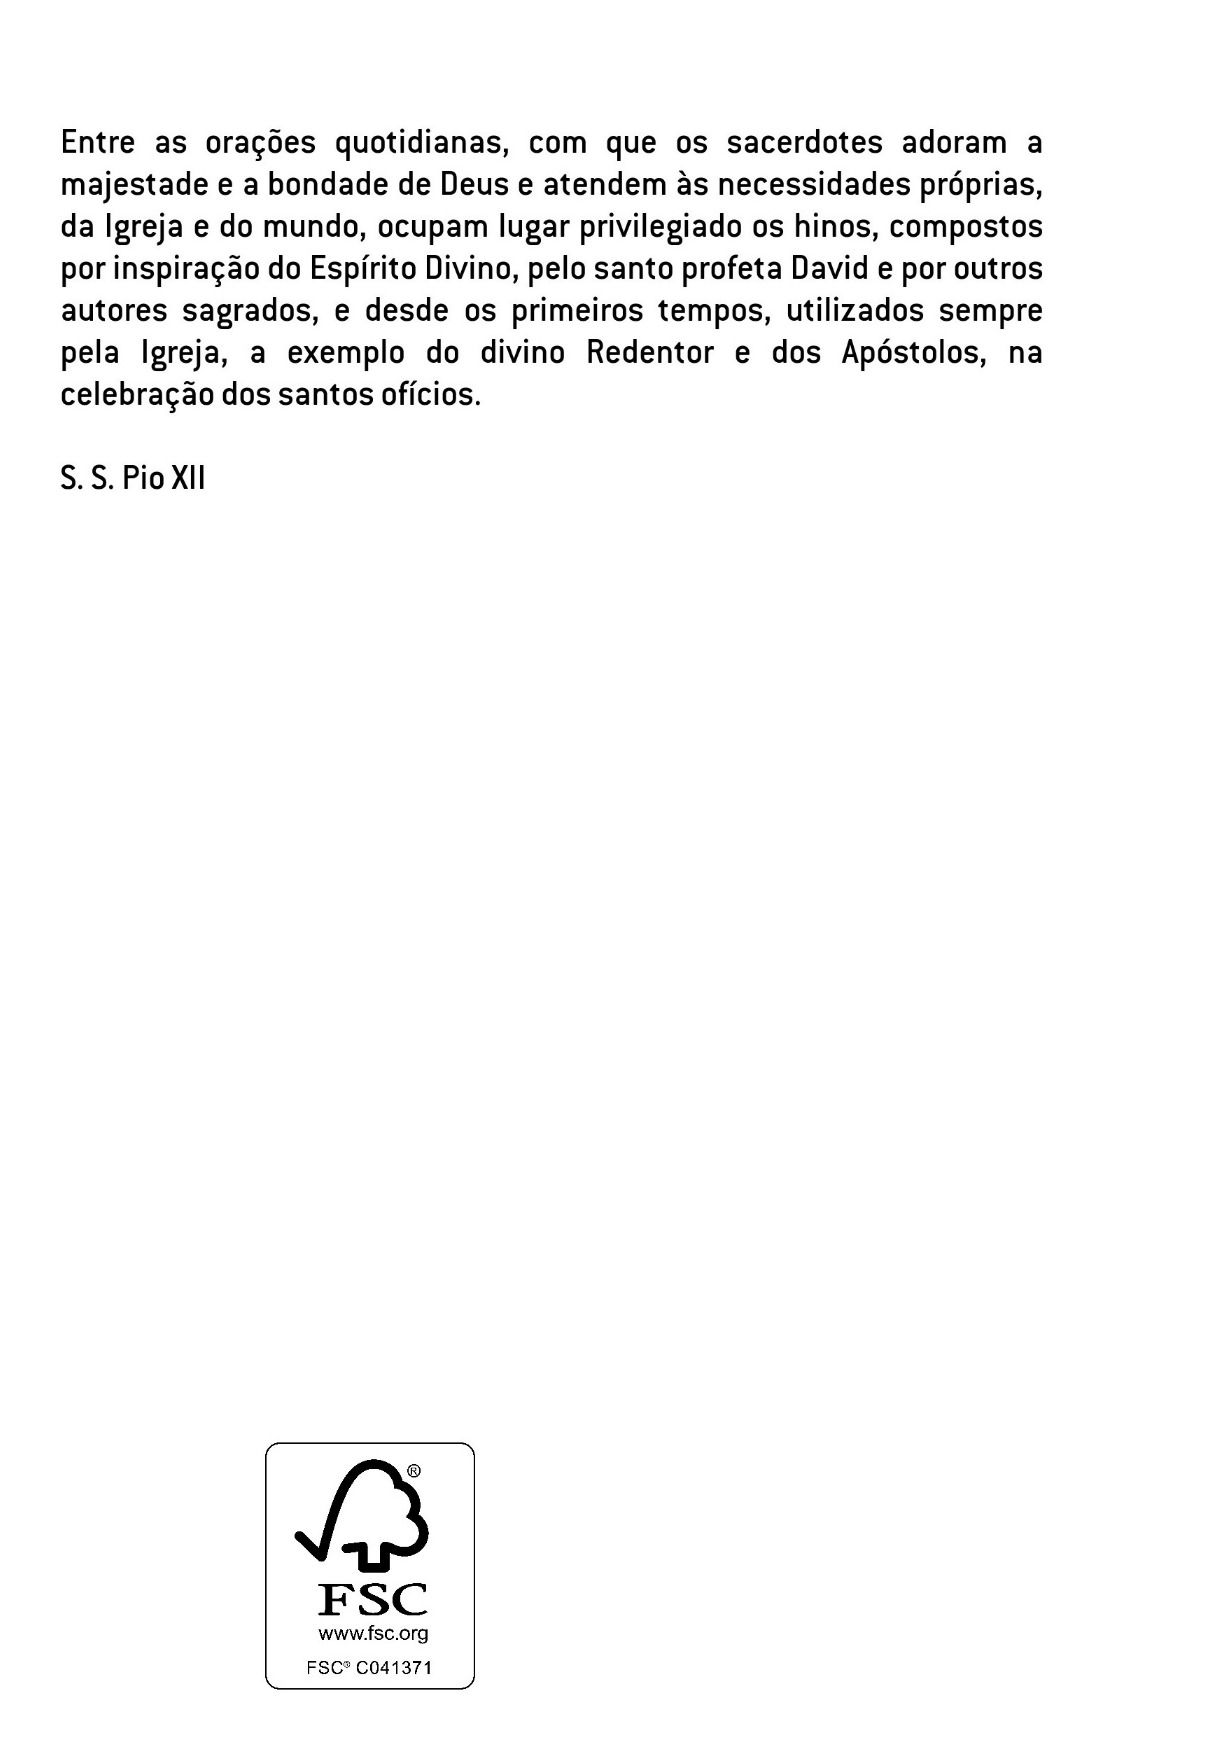 O Livro dos Salmos - Trad. do Rev. Pe. Leonel Franca  - Livraria Santa Cruz